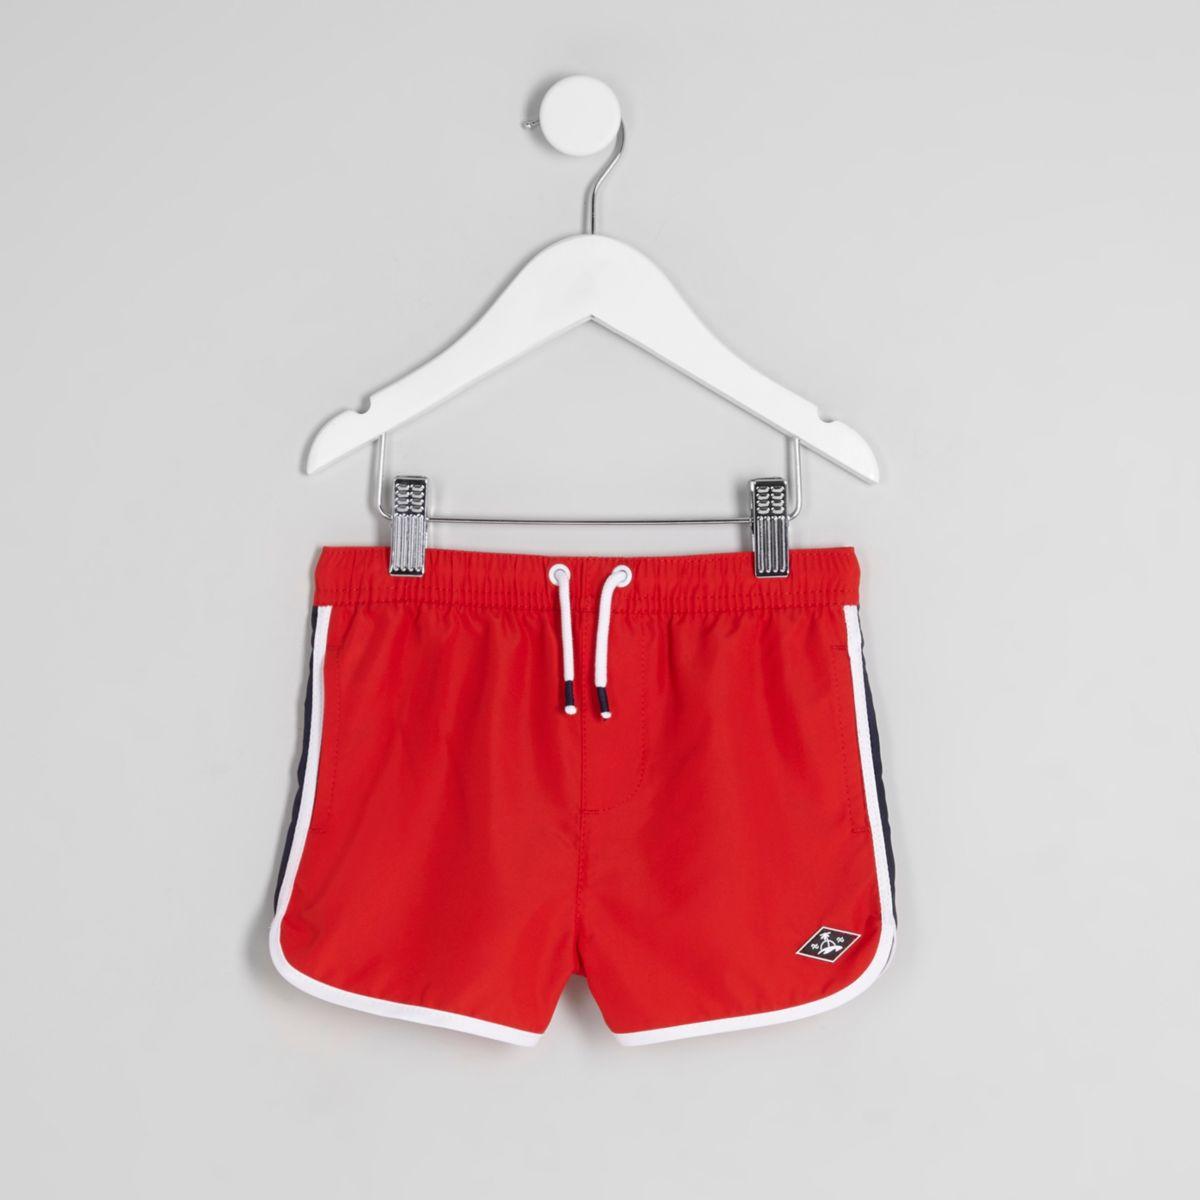 Mini boys red runner swim trunks